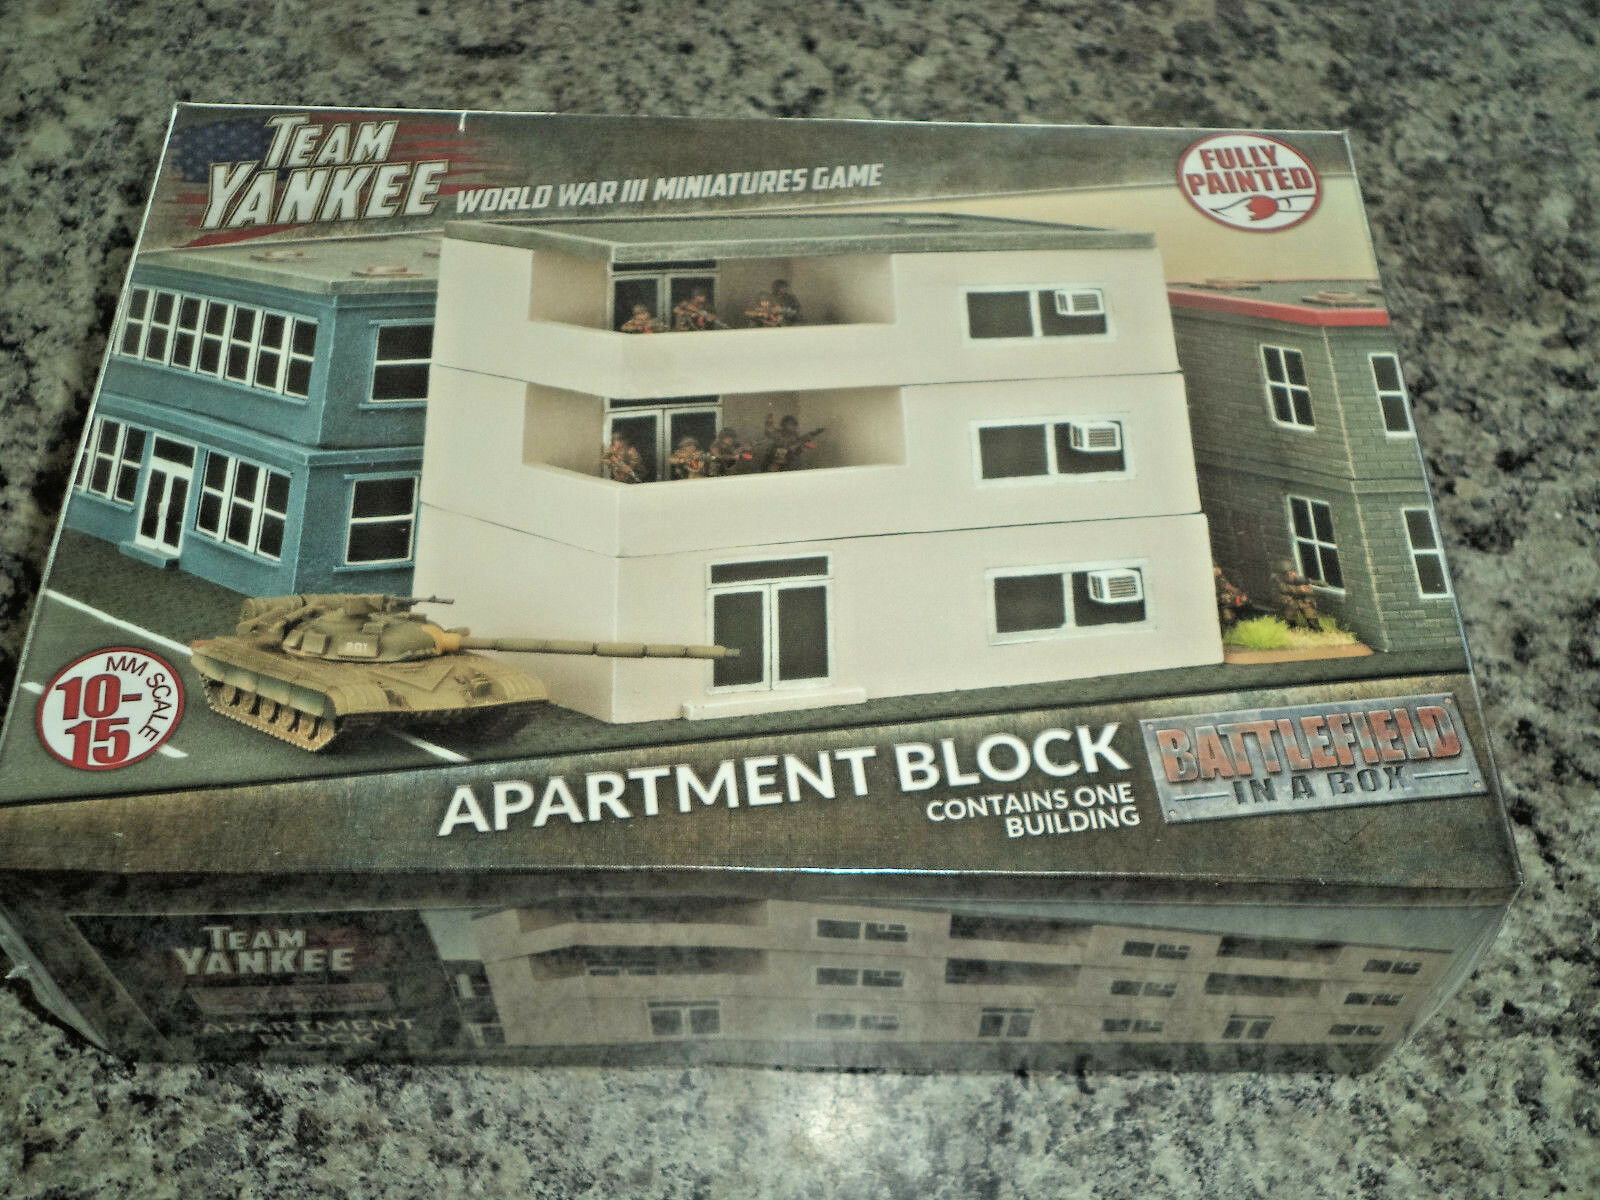 Bloque de apartamentos campo de batalla en una caja BB228 Prepintado terreno de Plástico NUEVO